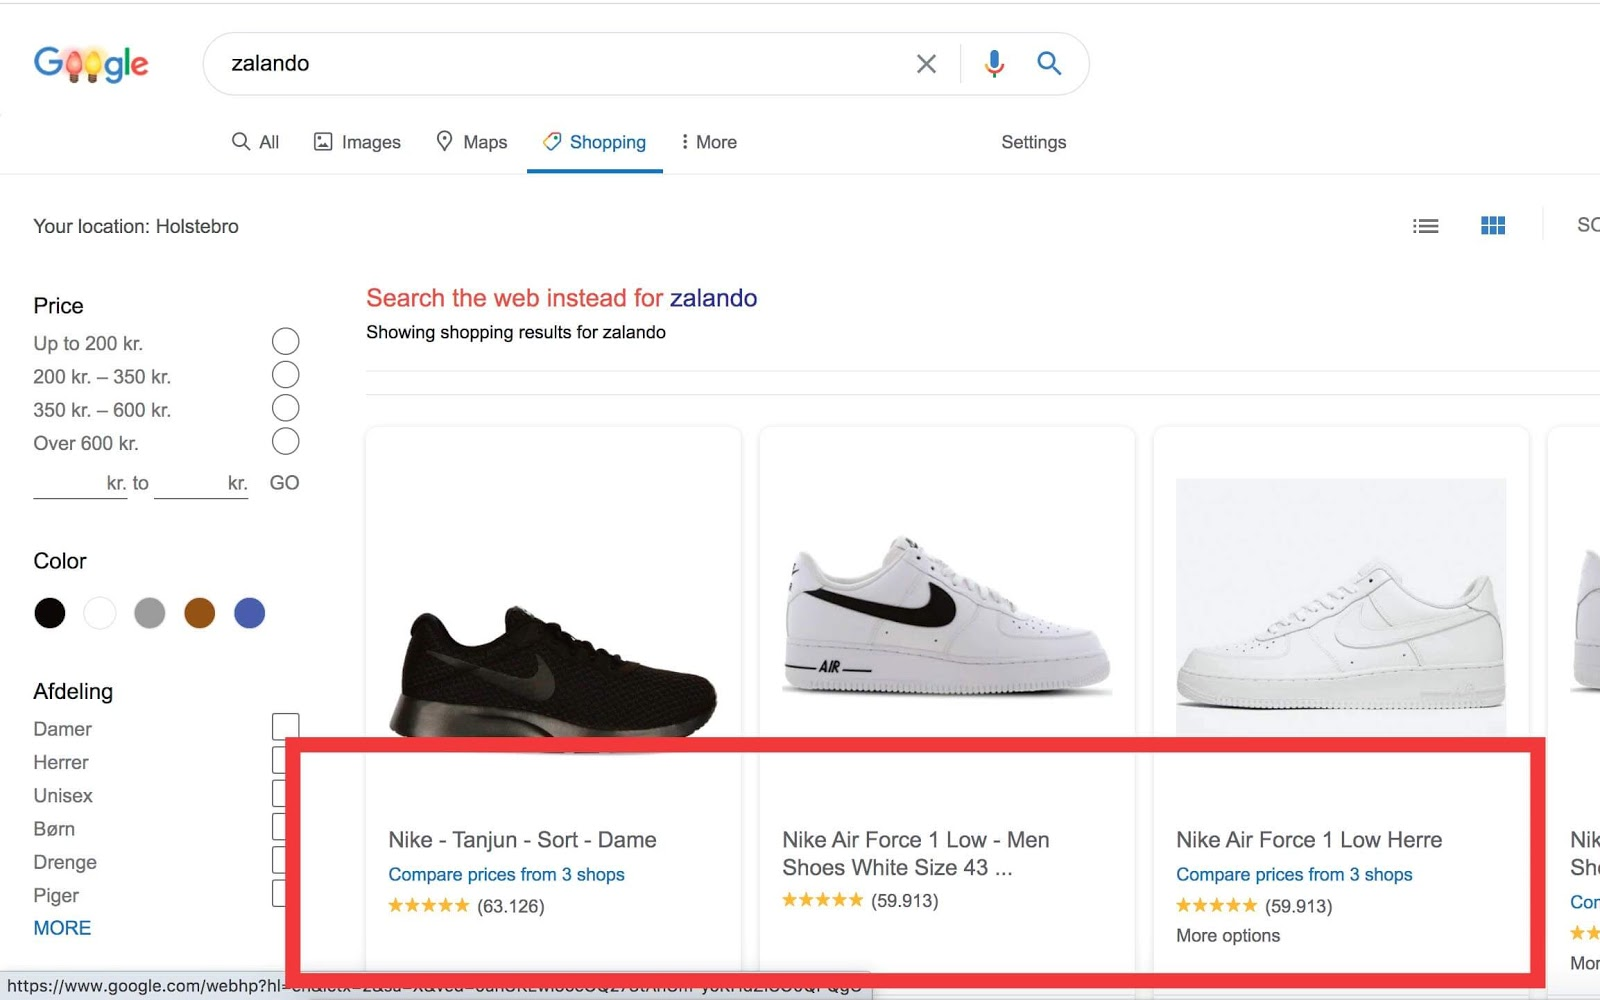 Anmeldelser i Google Shopping